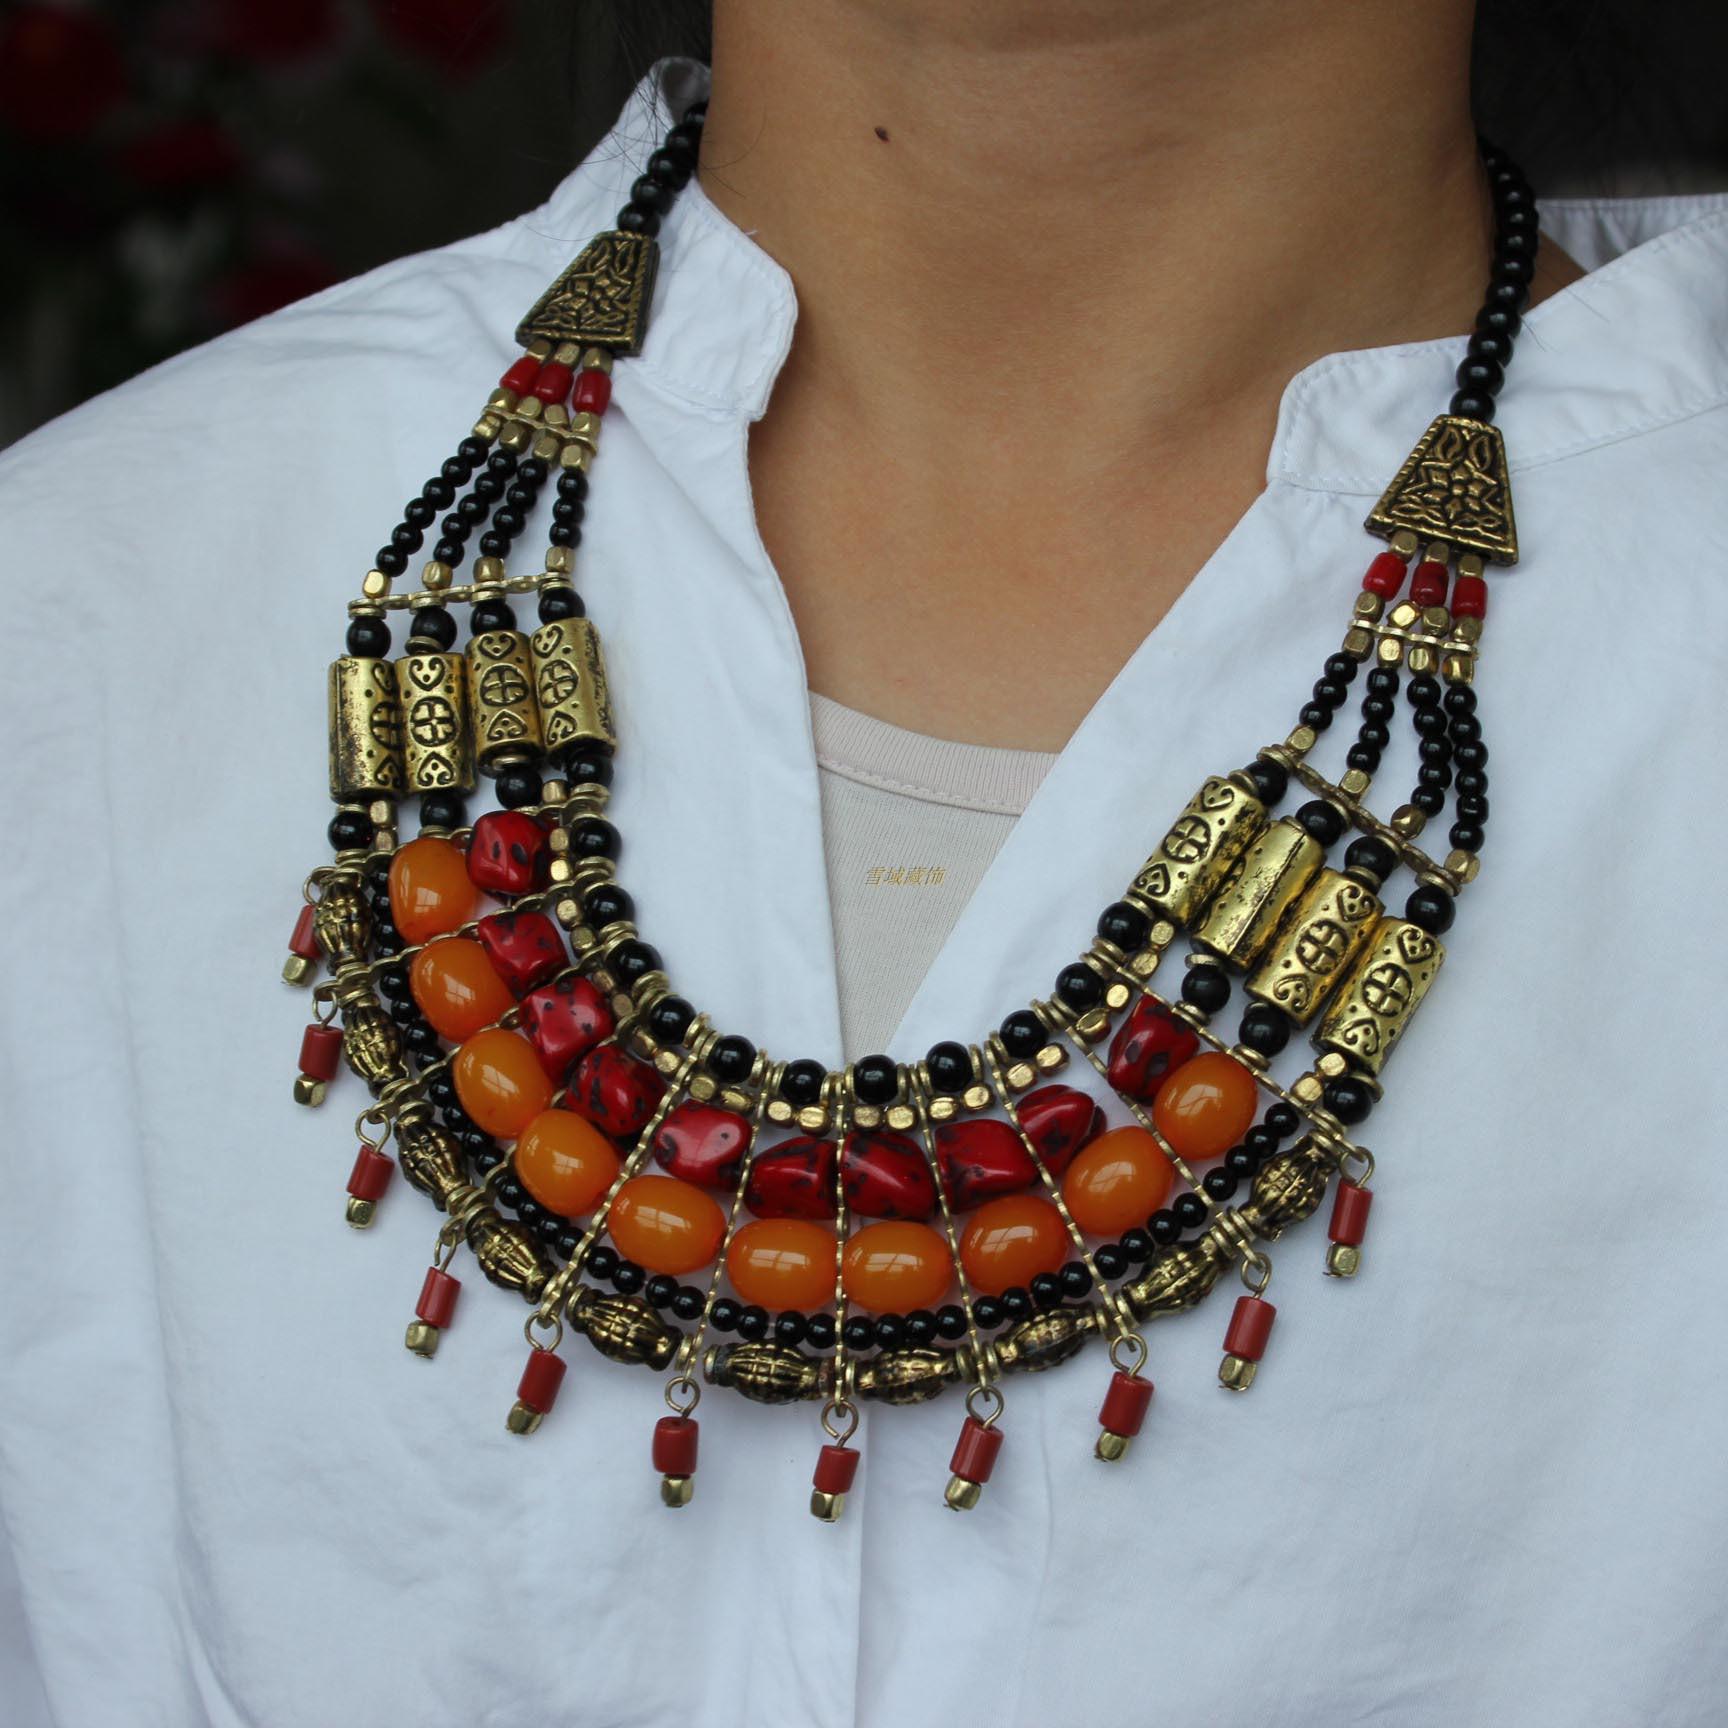 尼泊尔西藏饰品民族藏族锅庄舞蹈舞台活动手工制作女式项链免包邮